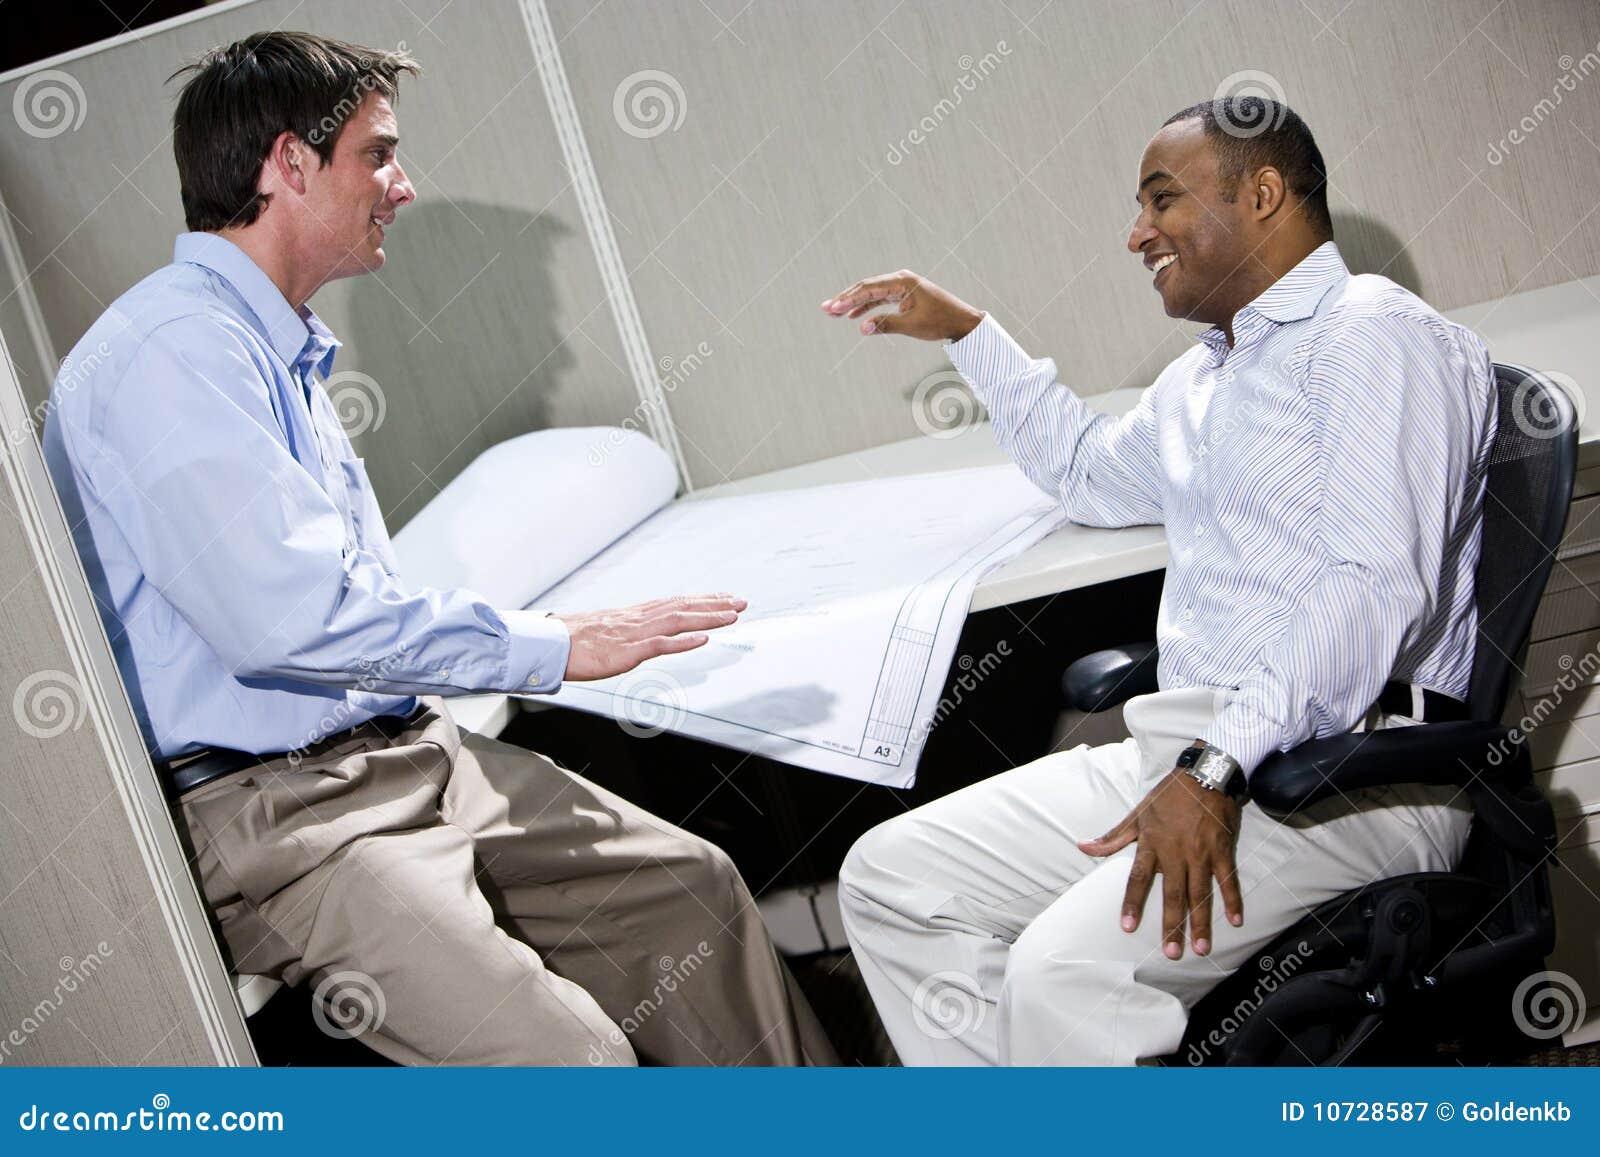 交谈的男性办公室工作者